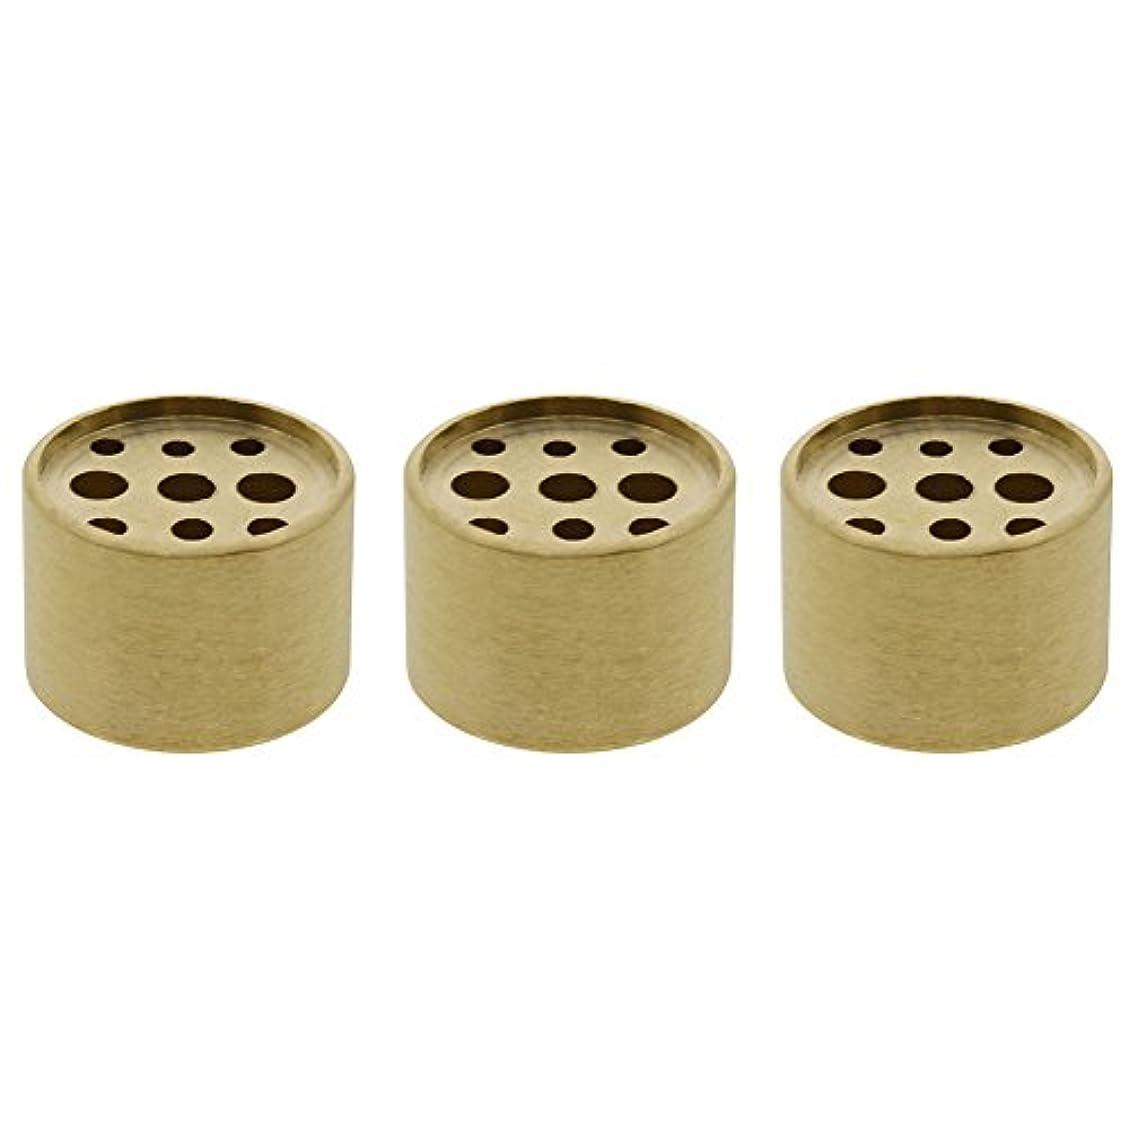 そう保証モルヒネSaim 3個Fine銅円柱形状Incenseホルダー9穴真鍮LotusスティックBurner for Incense